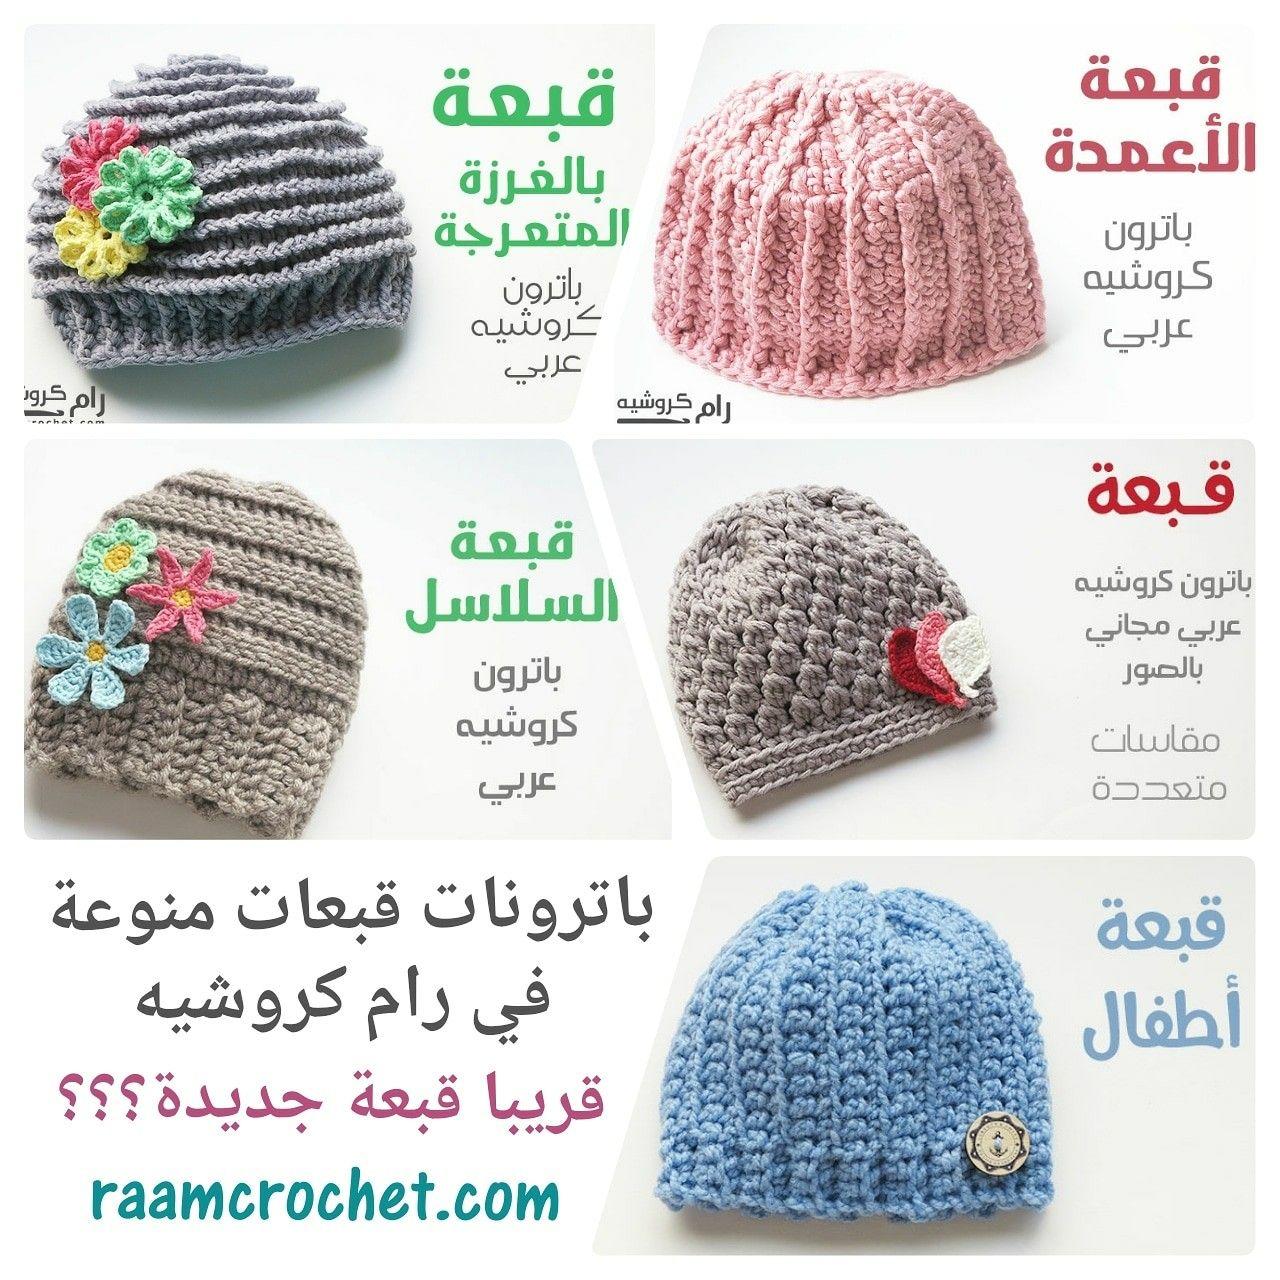 صباح الخير جمعت كل القبعات التي نشرتها في رام كروشيه في صورة واحدة وقريبا إن شاء الله سأنشر ب Crochet Kids Scarf Baby Afghan Crochet Baby Girl Crochet